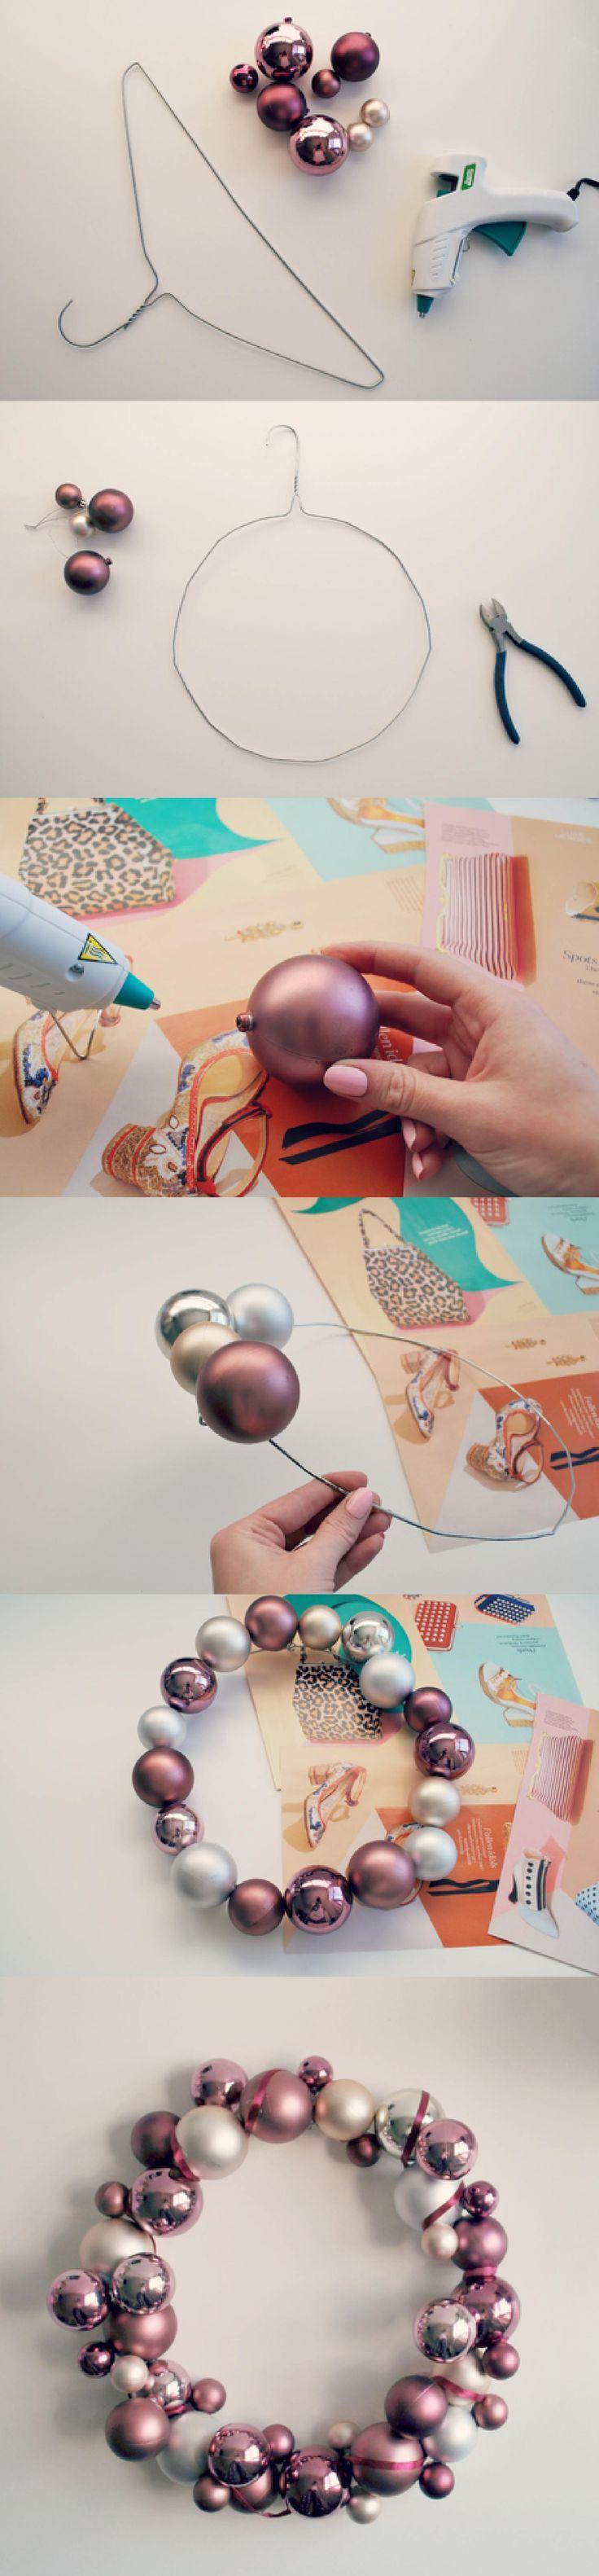 corona navidad DIY muy ingenioso 2